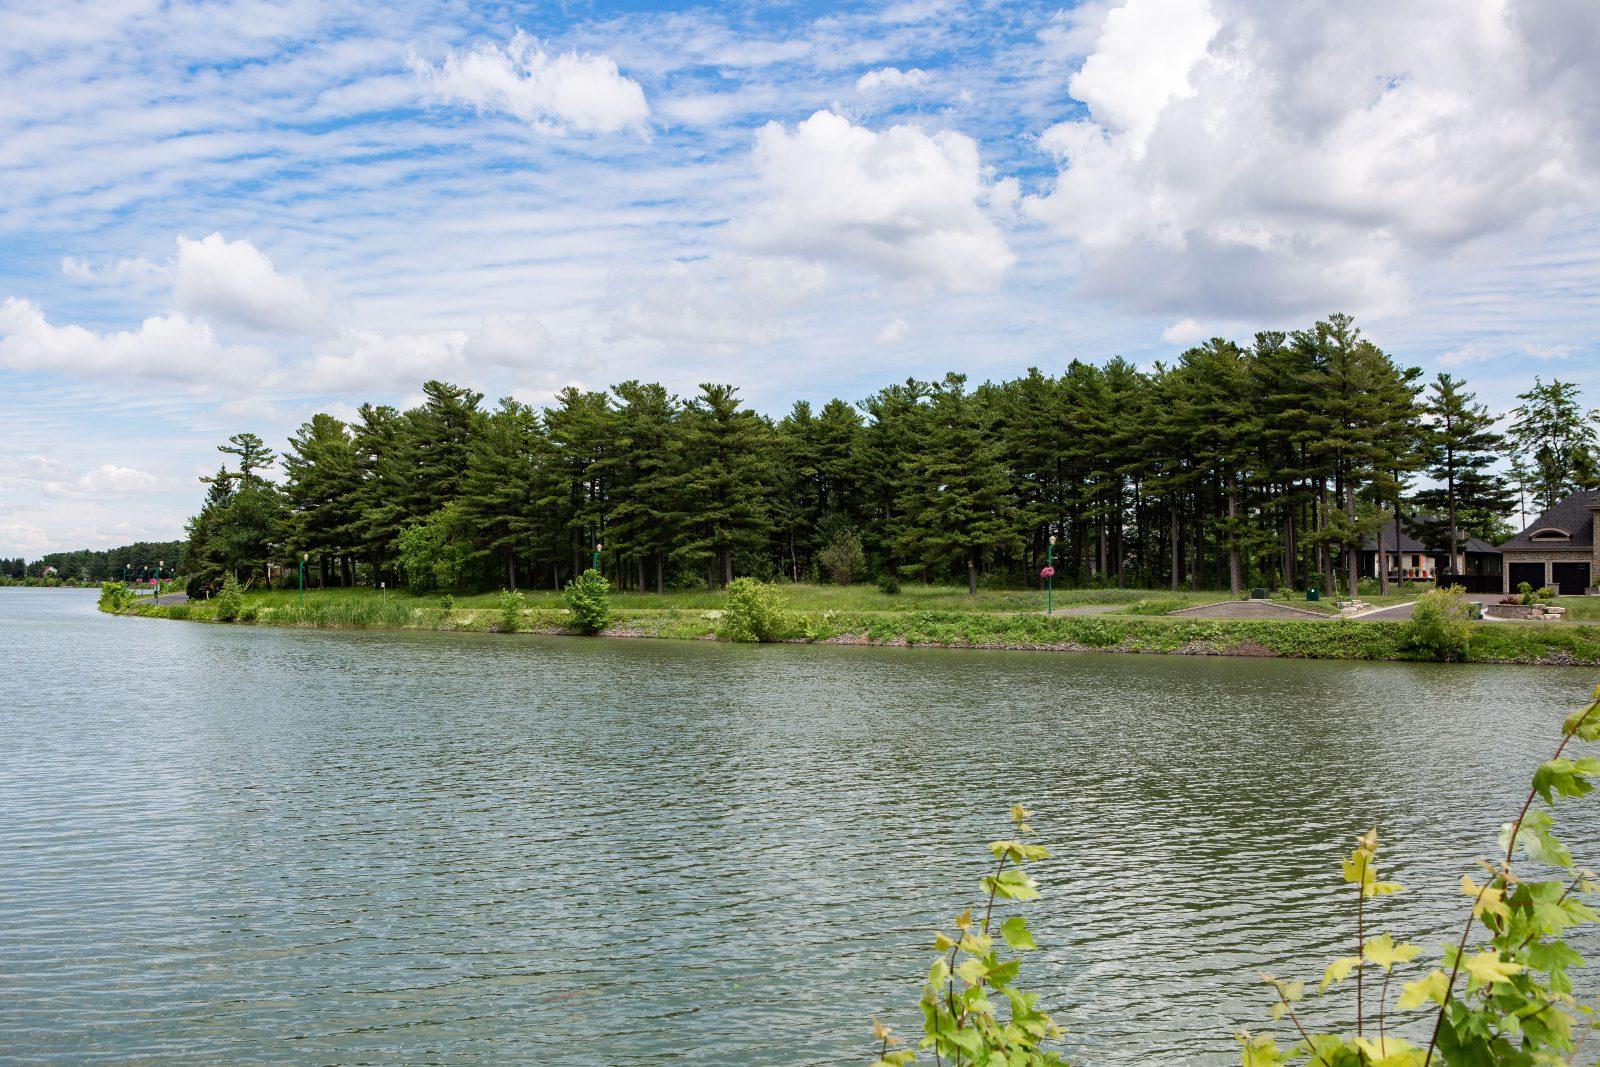 Avis de réserve pour conserver une partie de la pinède de l'île Sainte-Thérèse